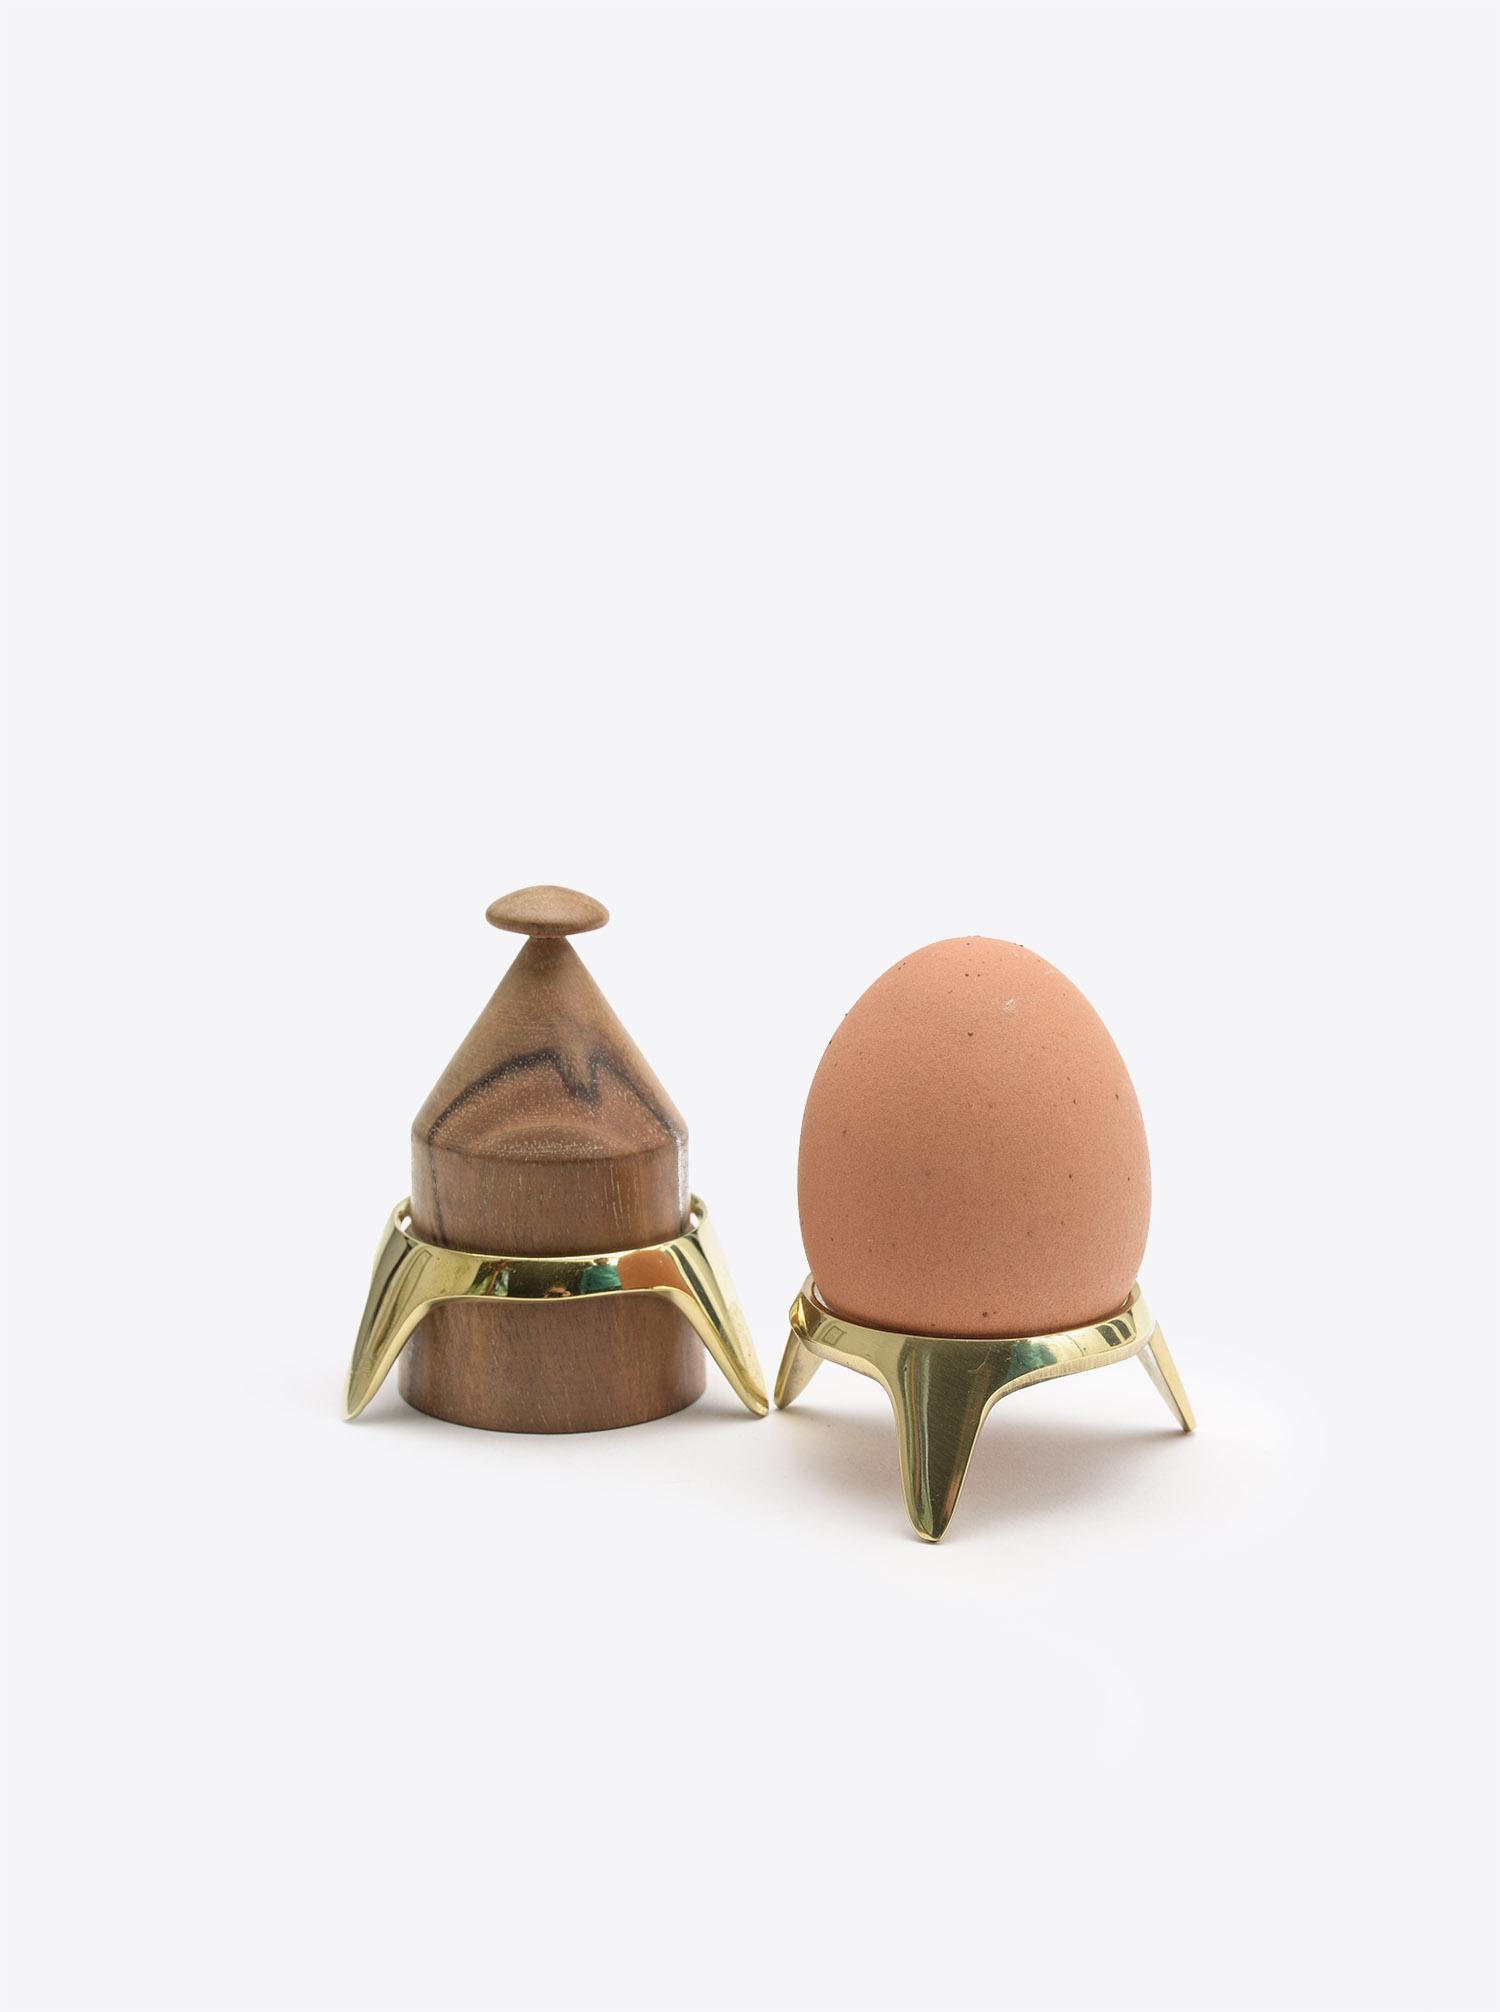 Eierbecher Set mit Ständer Walnuß Vintage